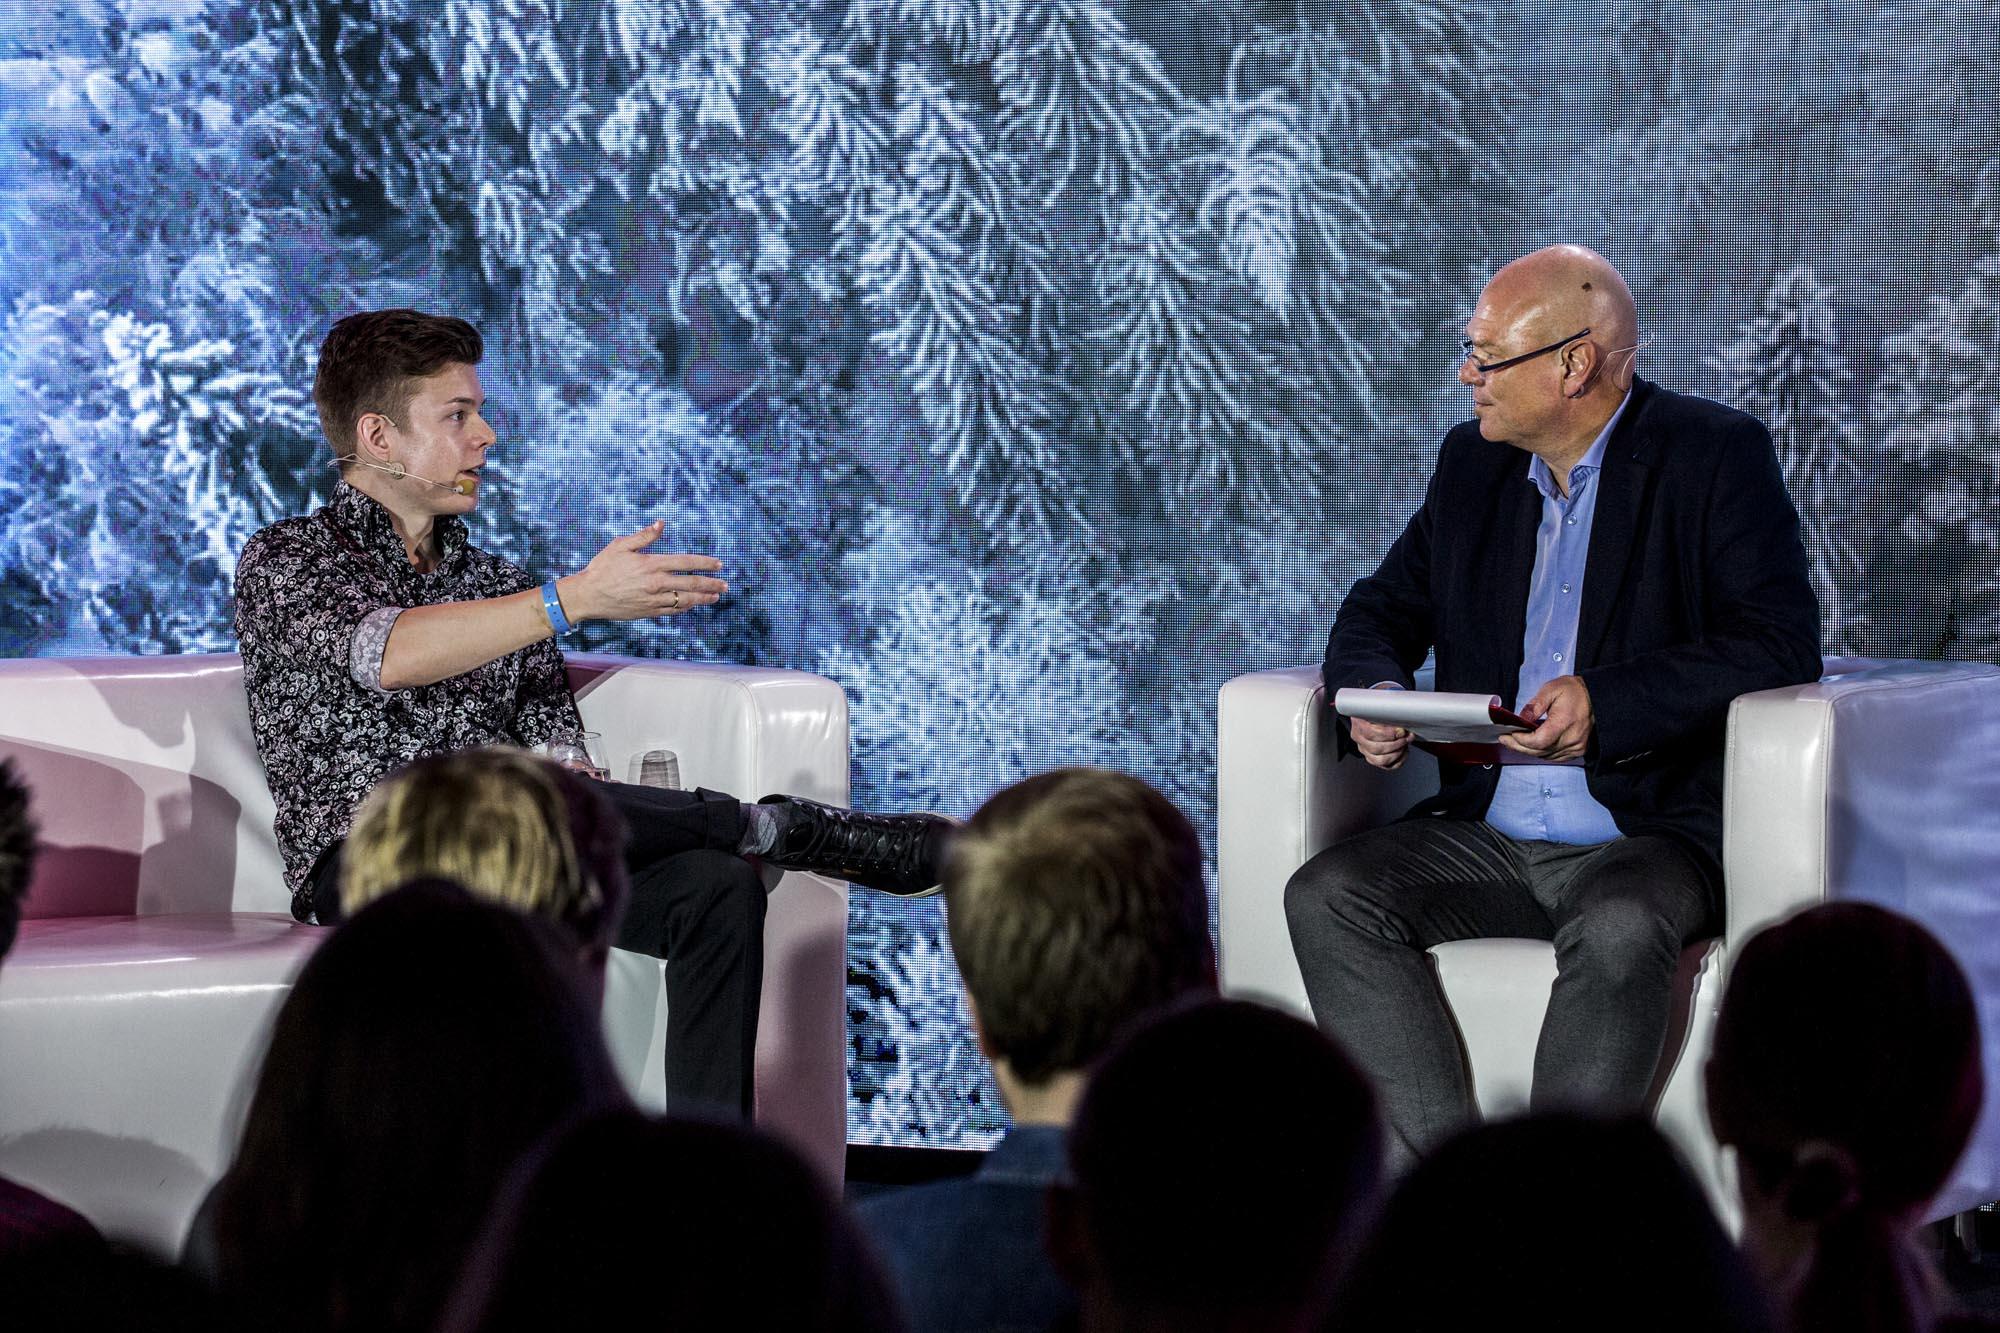 Einar Otto Stangvik talks to host John Einar Sandvand about data security